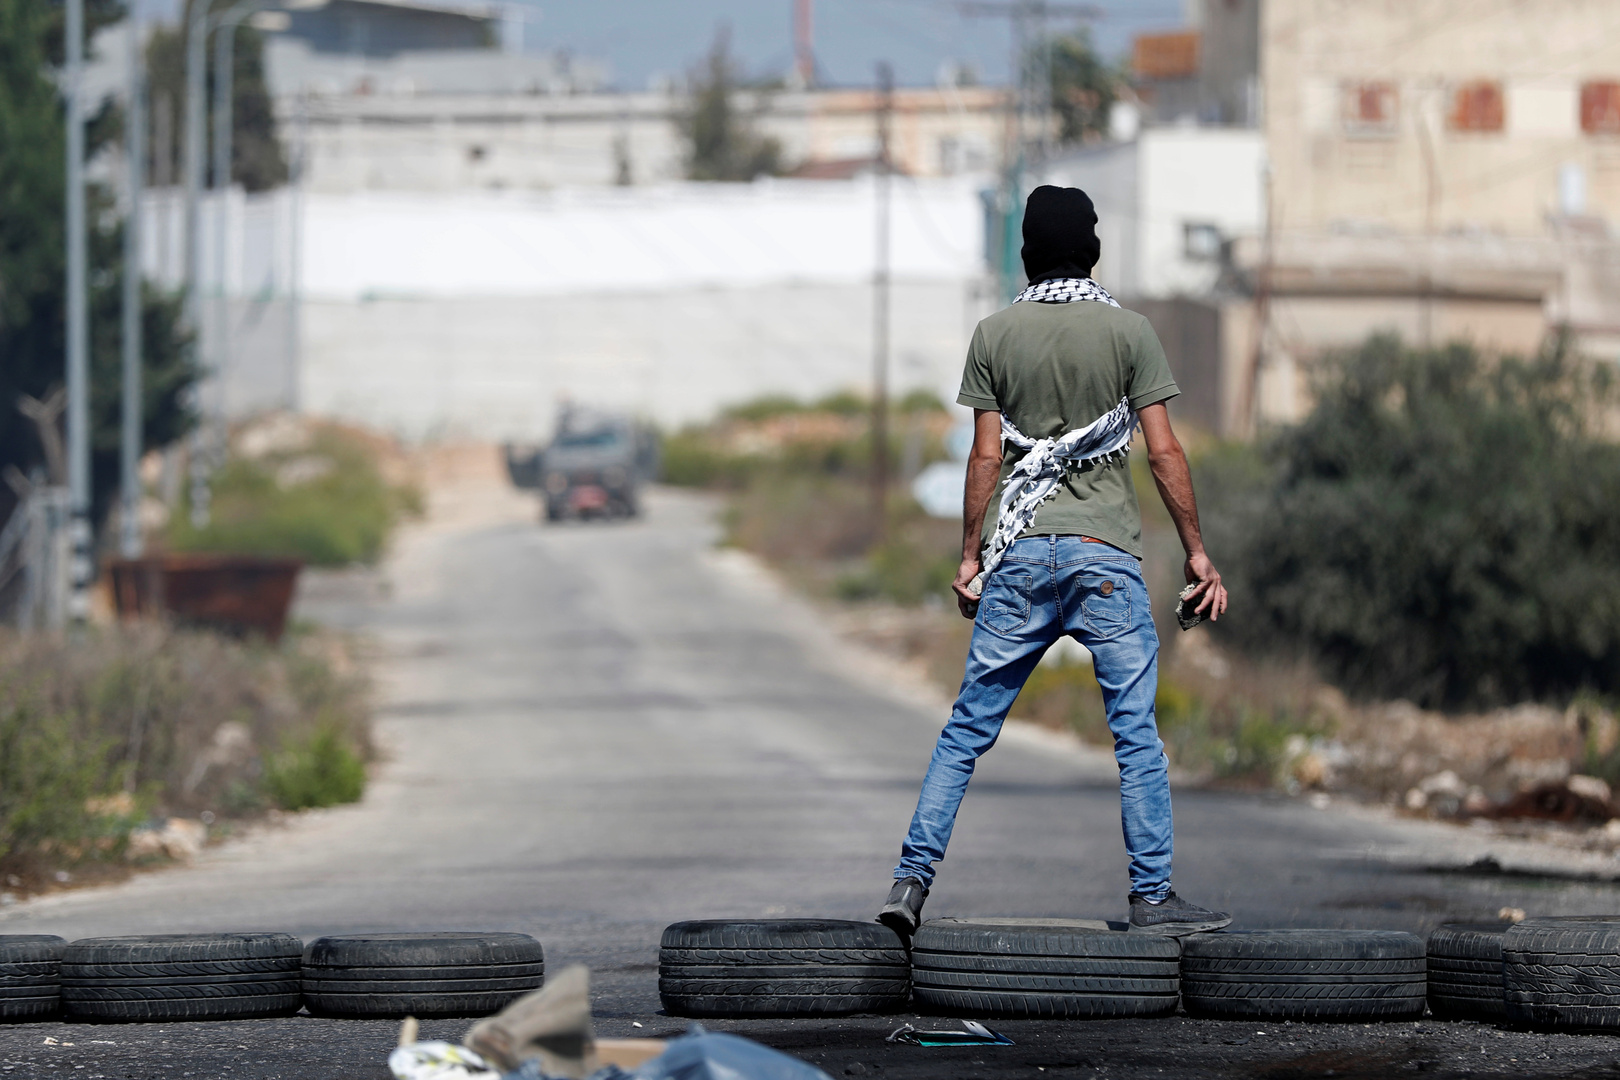 هيئة الأسرى الفلسطينيين: إصابة الأسير عبد الله شراكة بفيروس كورونا